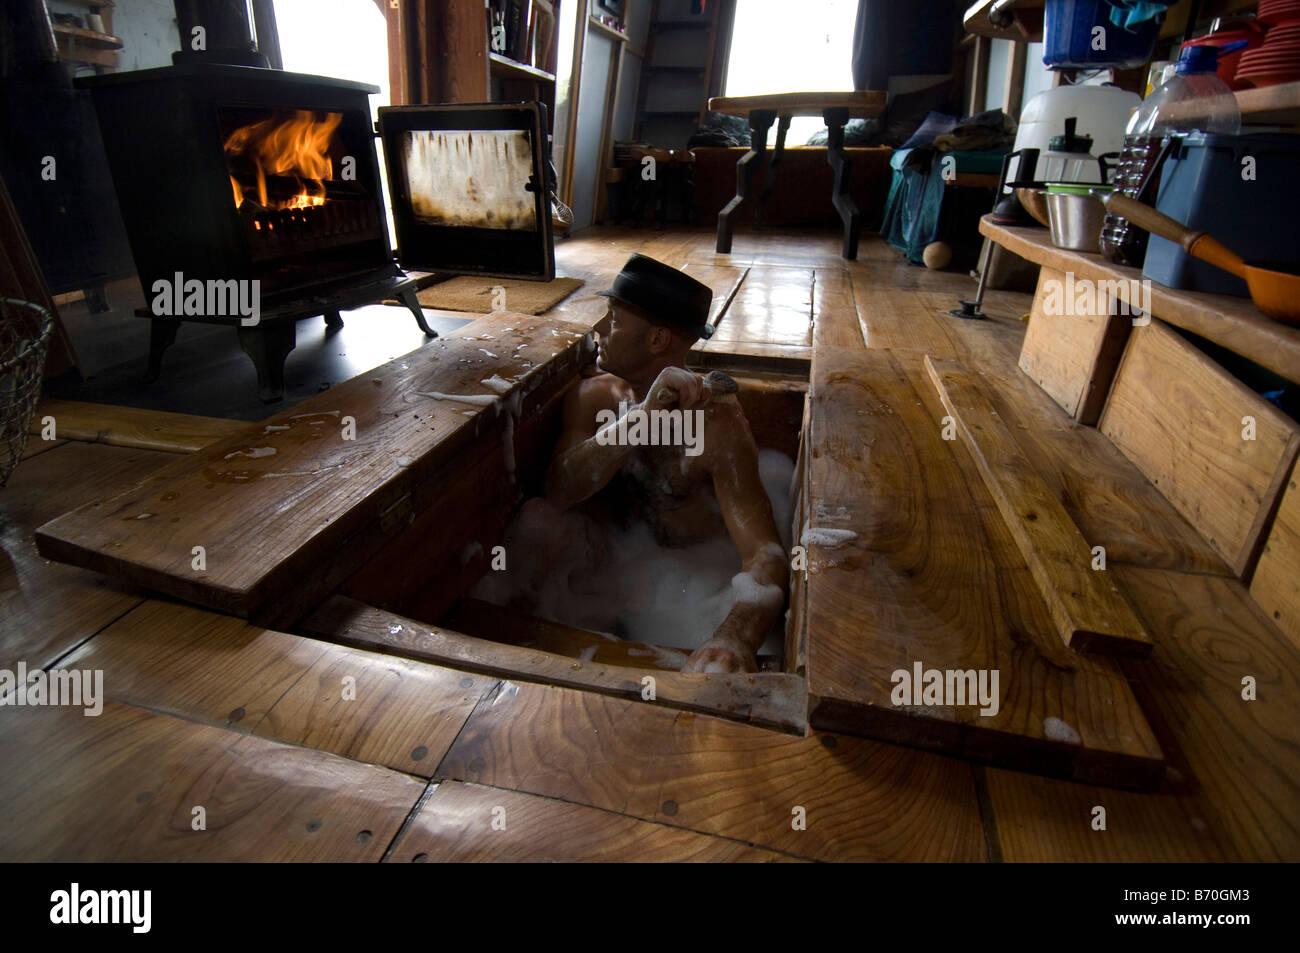 Vasca Da Bagno Riscaldata.Uomo Di Balneazione In Sua Mano Fatte Di Legno Dove Cabina Vasca Da